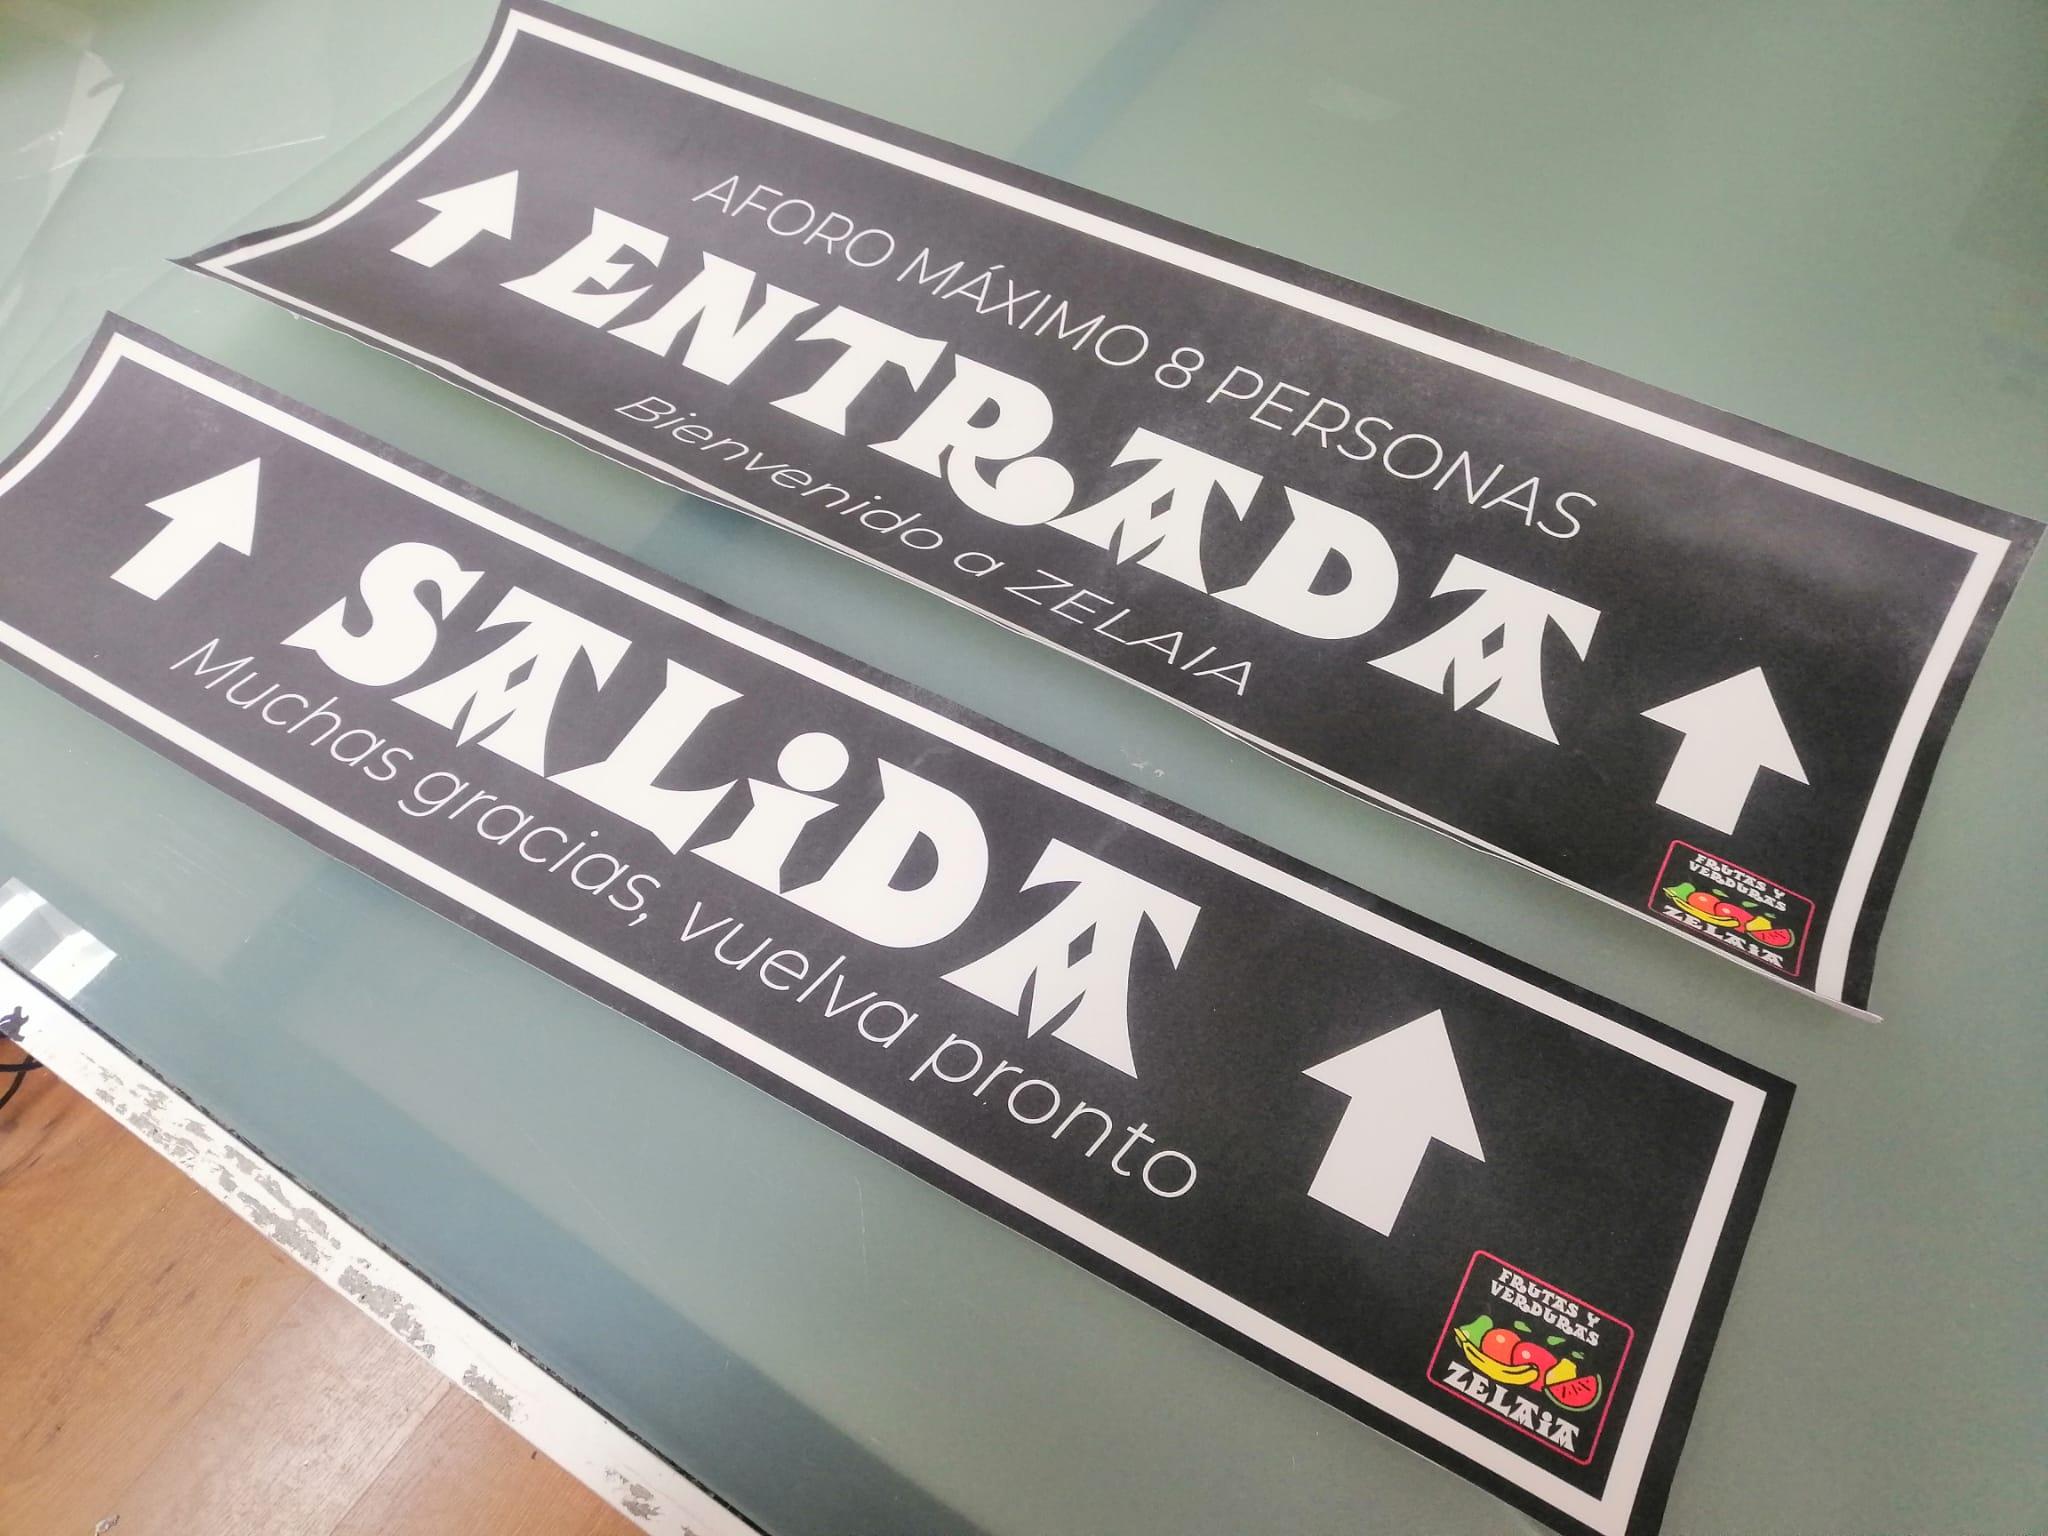 Vinilo impreso para suelo, en Cantabria